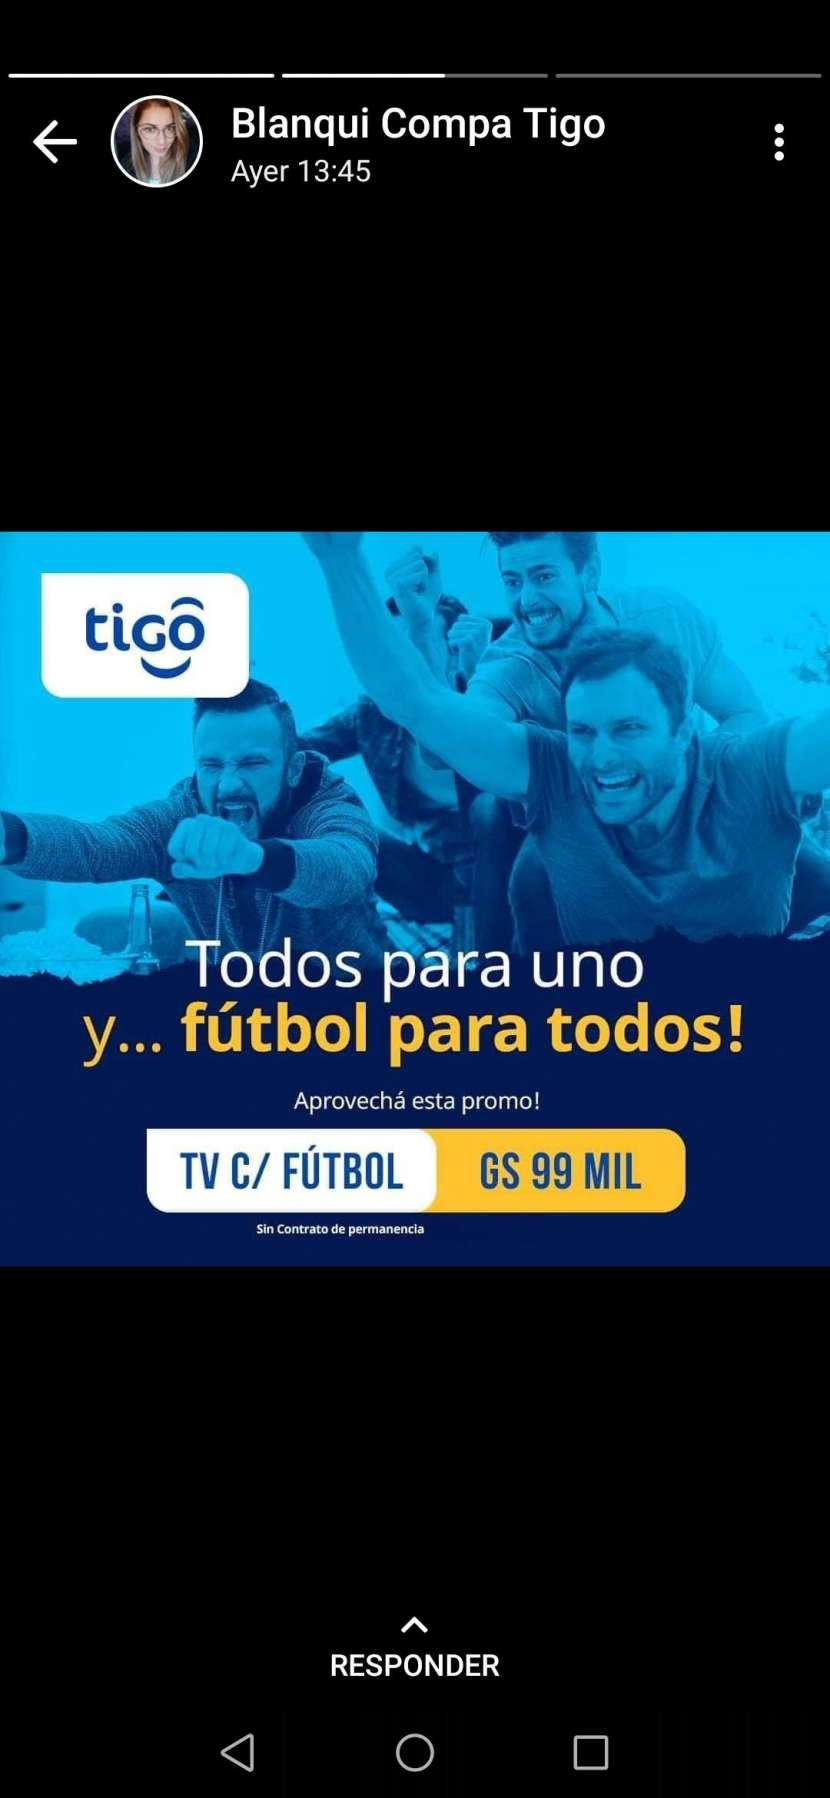 TV cable con tigo sports - 0